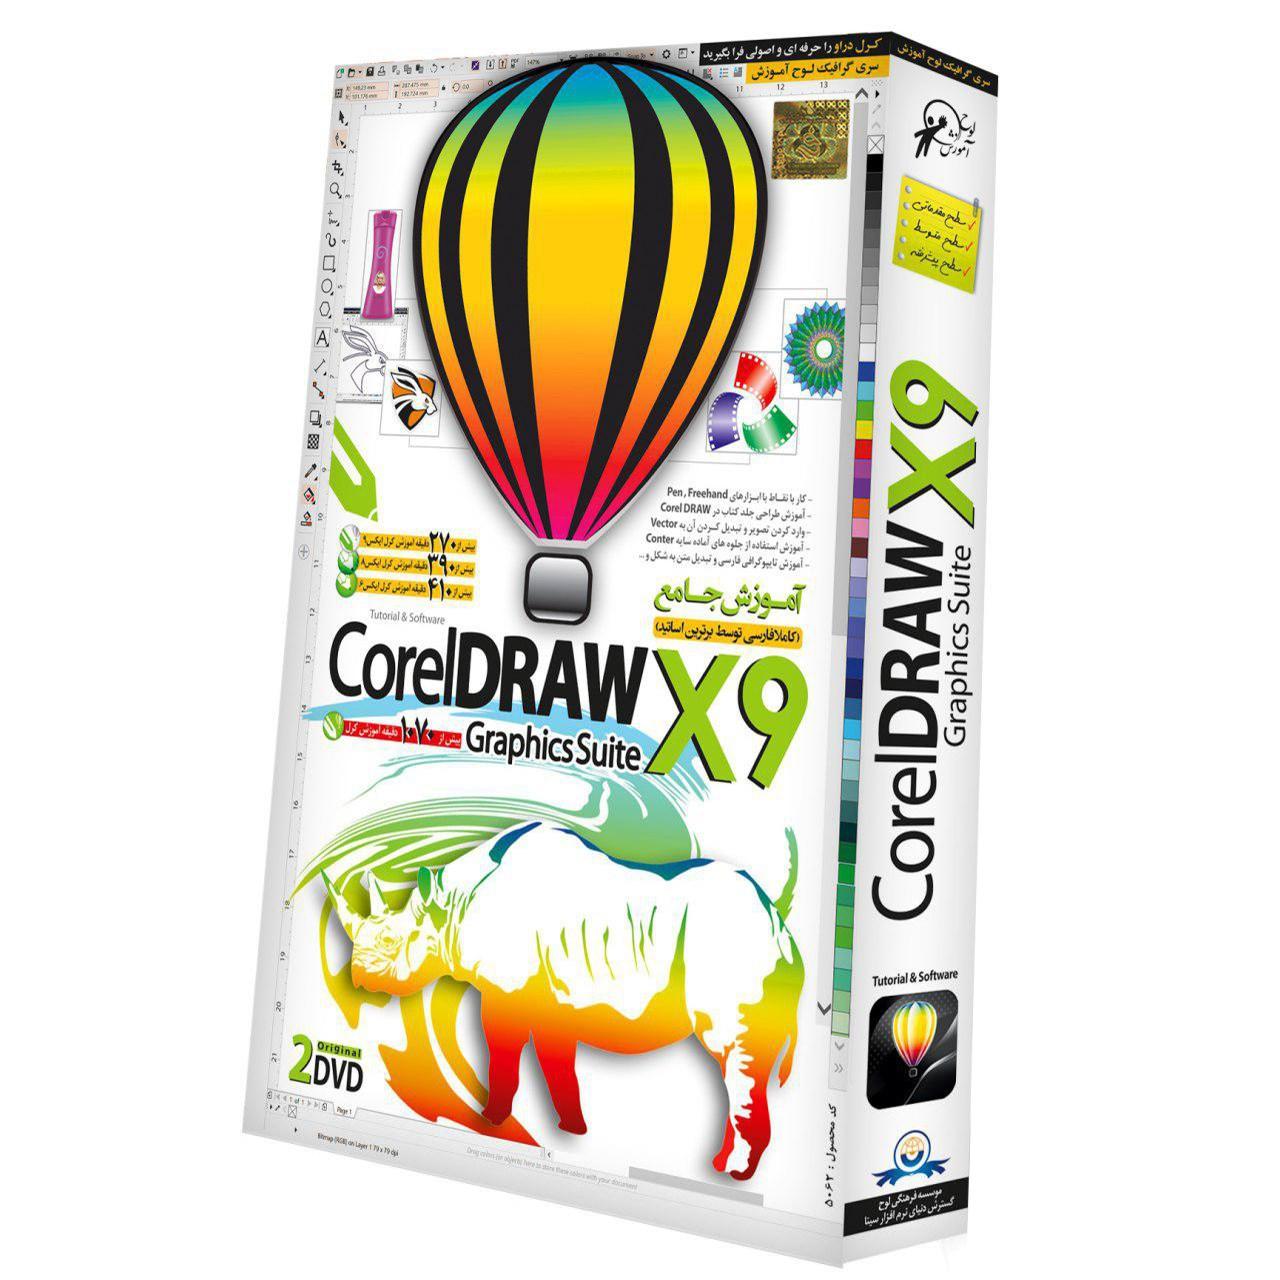 نرم افزار آموزش CorelDraw X9 نشر لوح گسترش دنیای نرم افزار